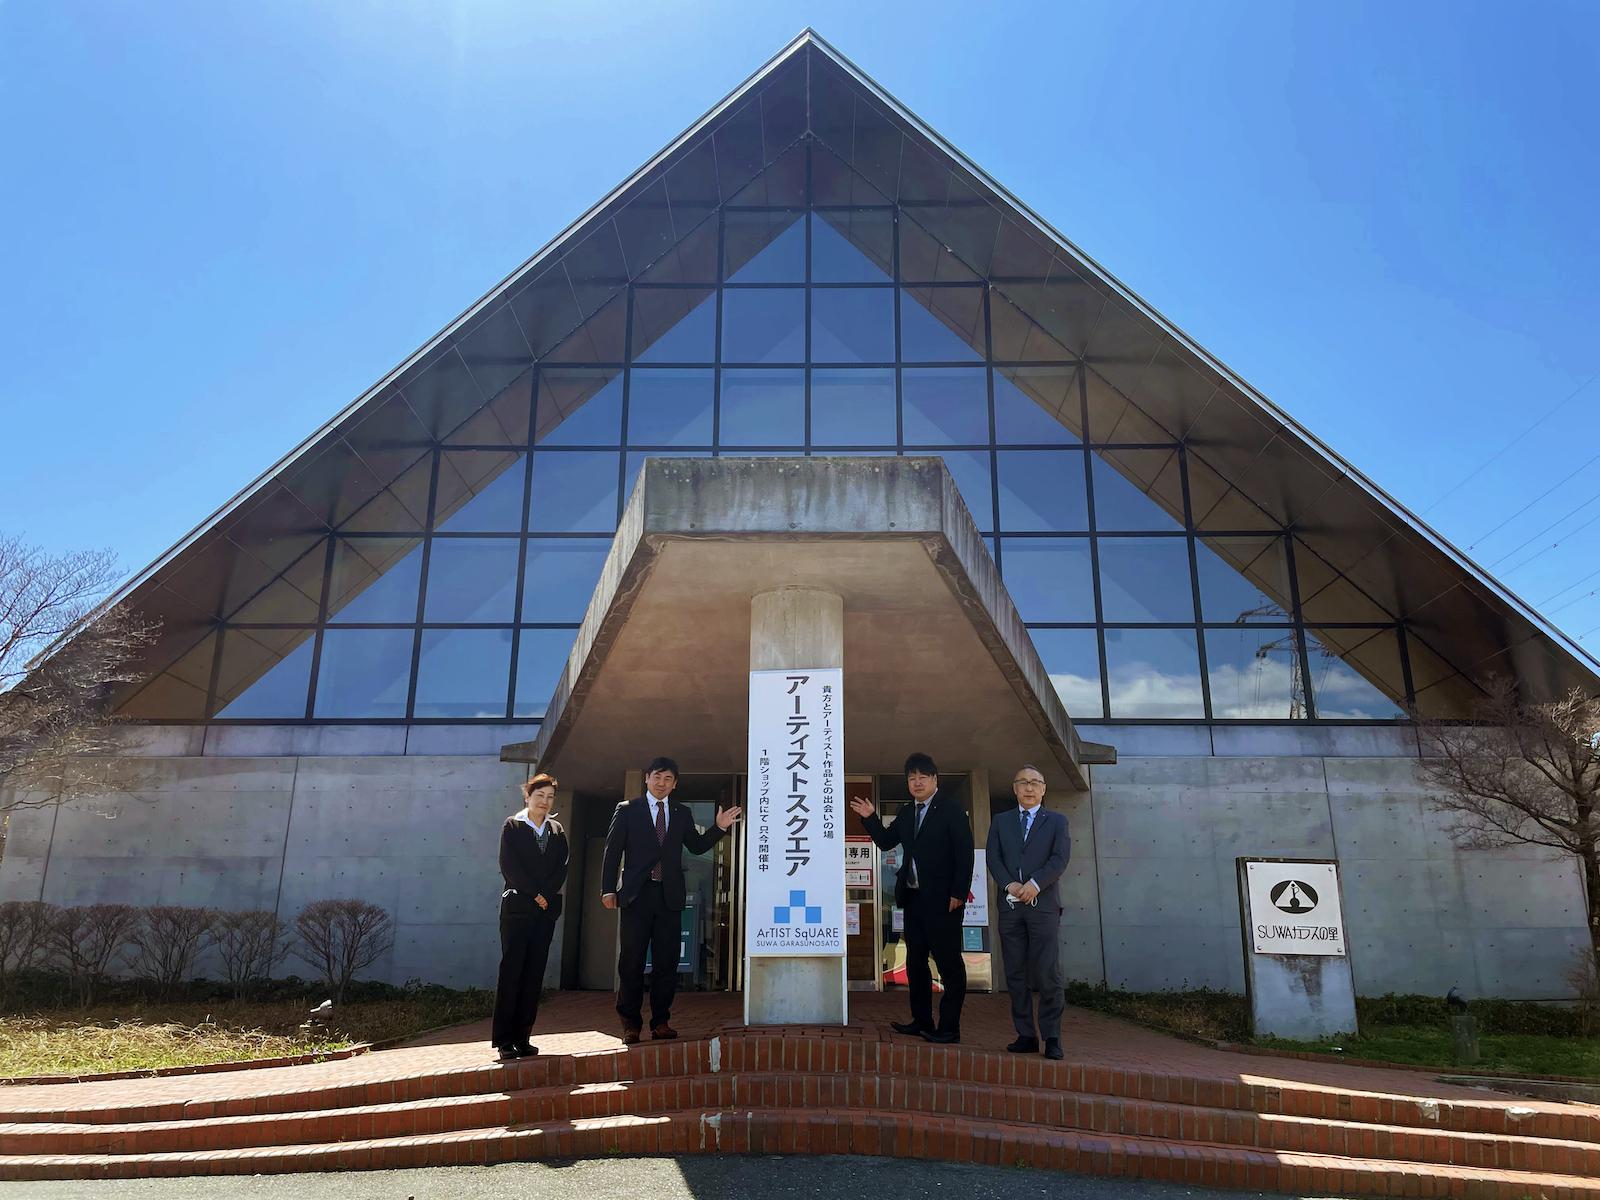 左から、SUWA ガラスの里 の 上島さん、岩波太佐衛門尚宏さん、小泉孝文さん、宮坂守さん